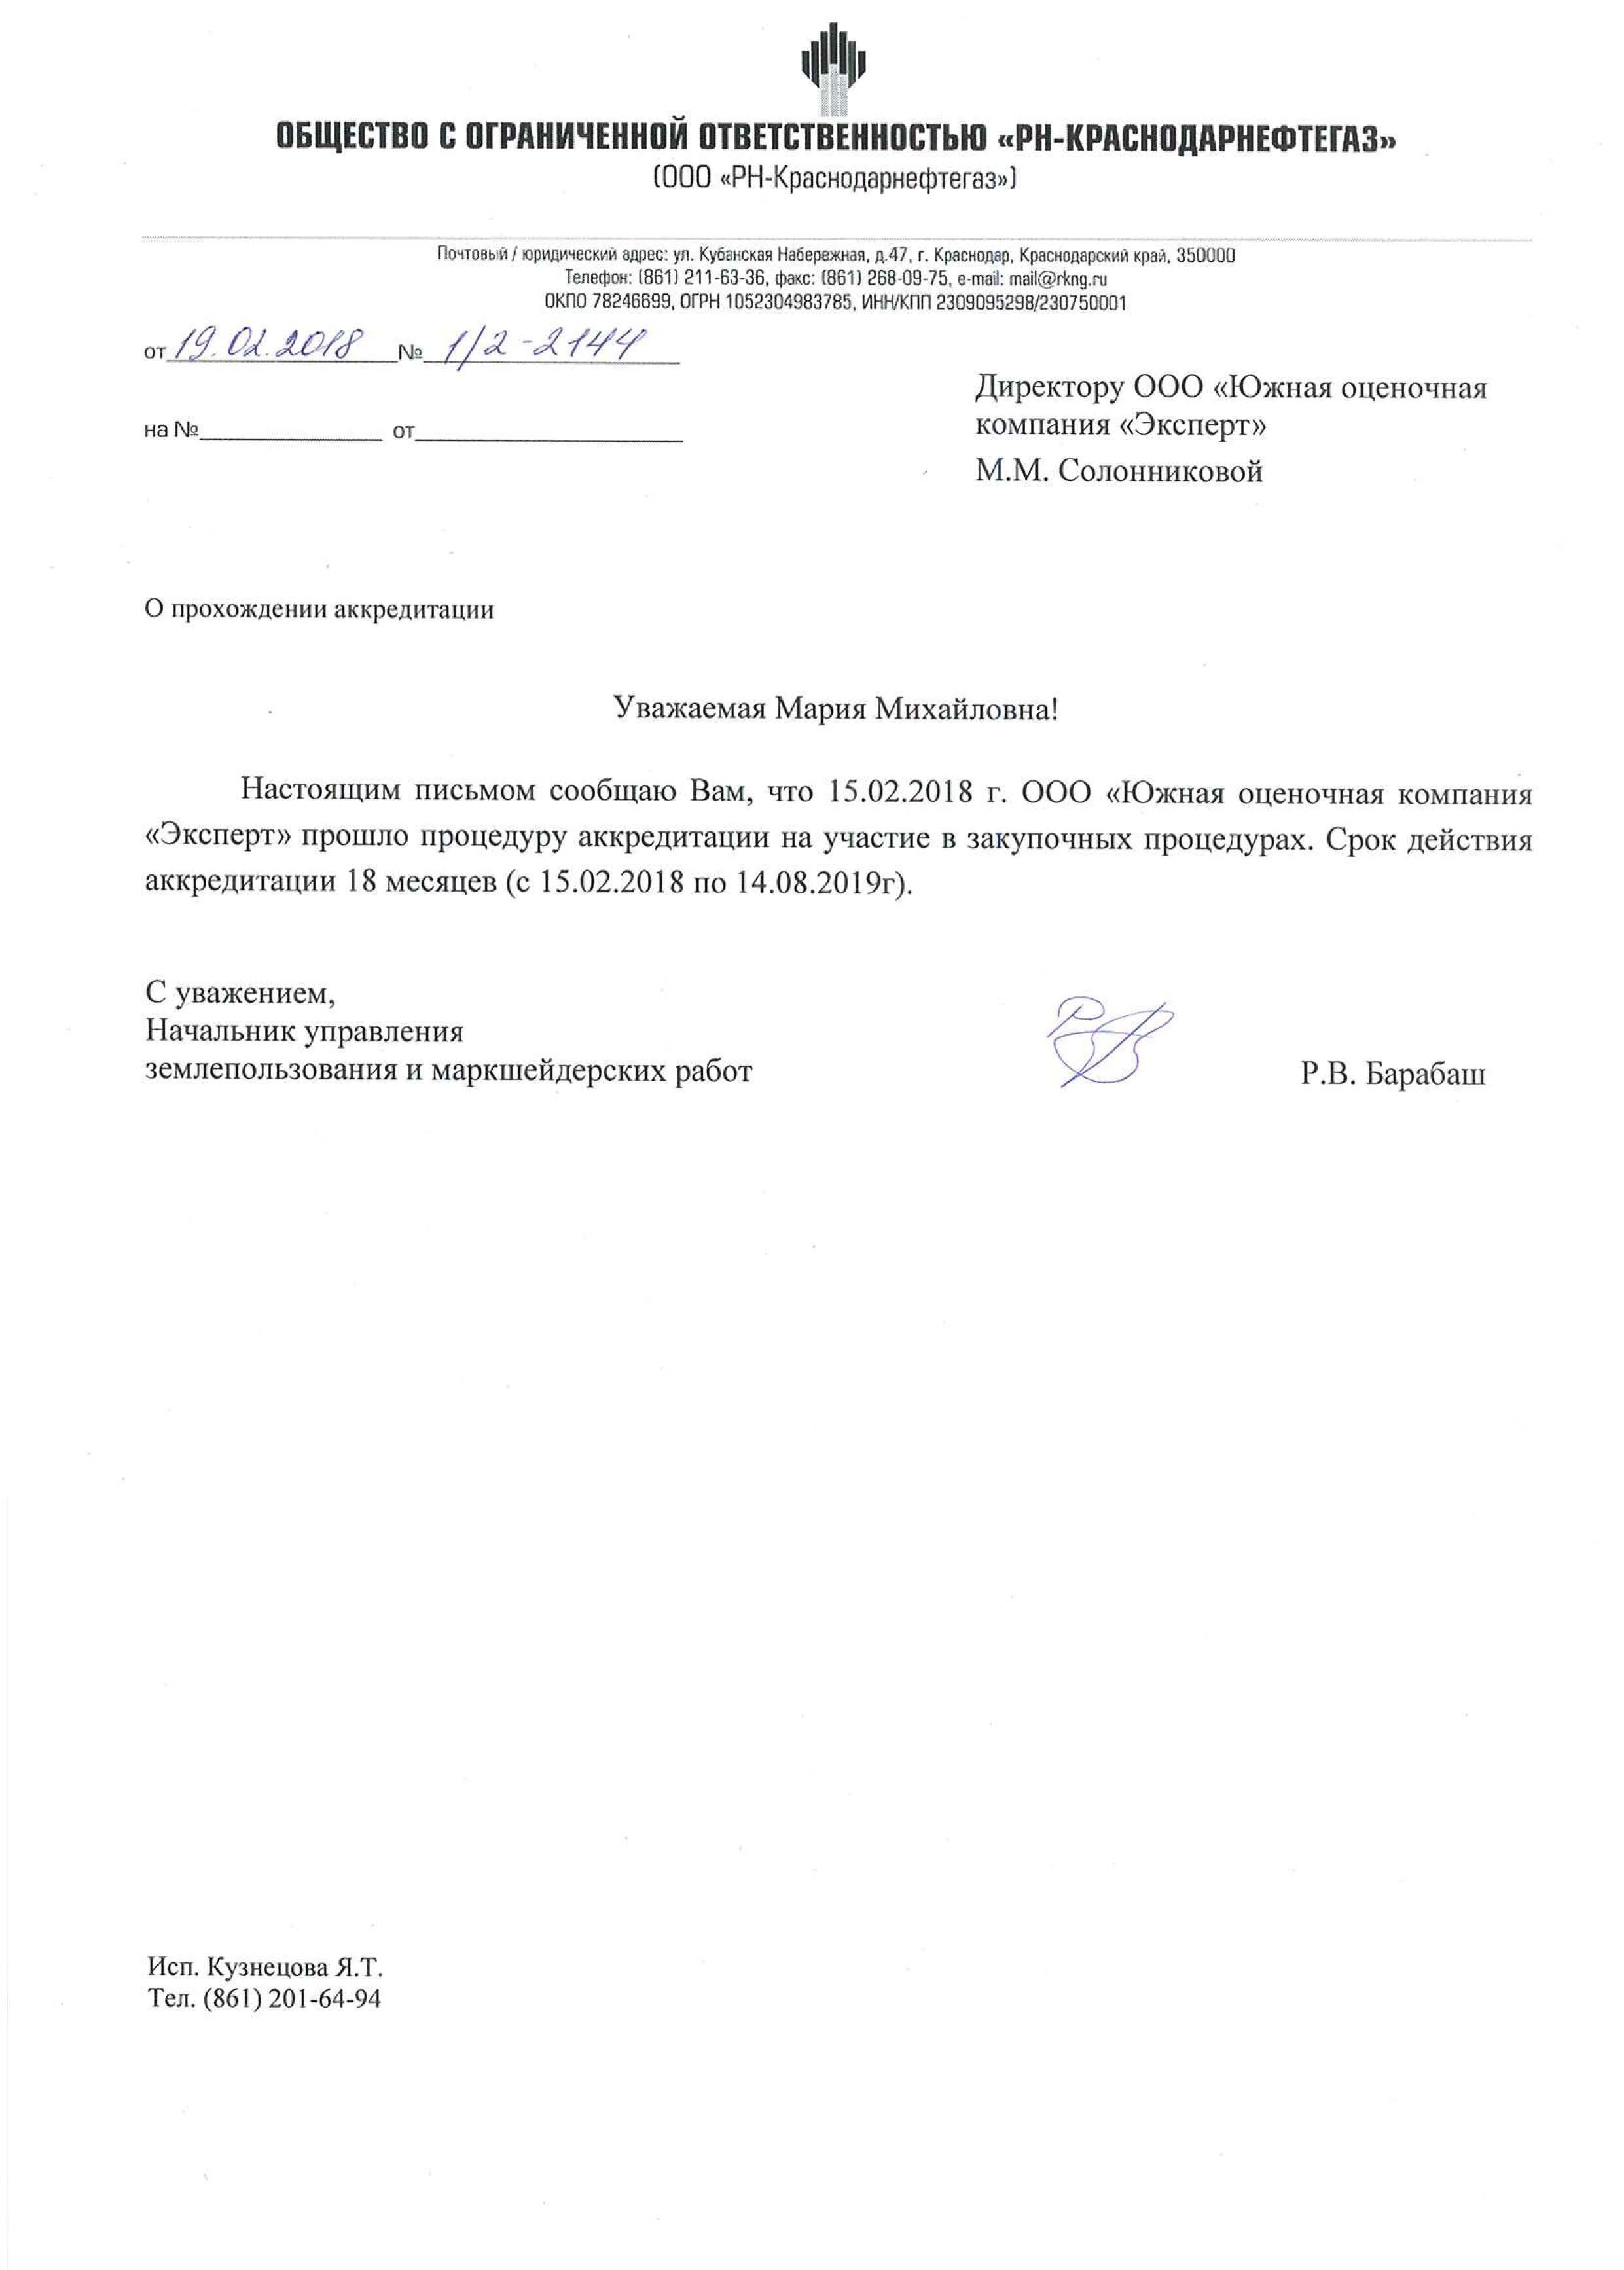 """Свидетельство об аккредитации ООО """"РН-Краснодарнефтегаз"""""""